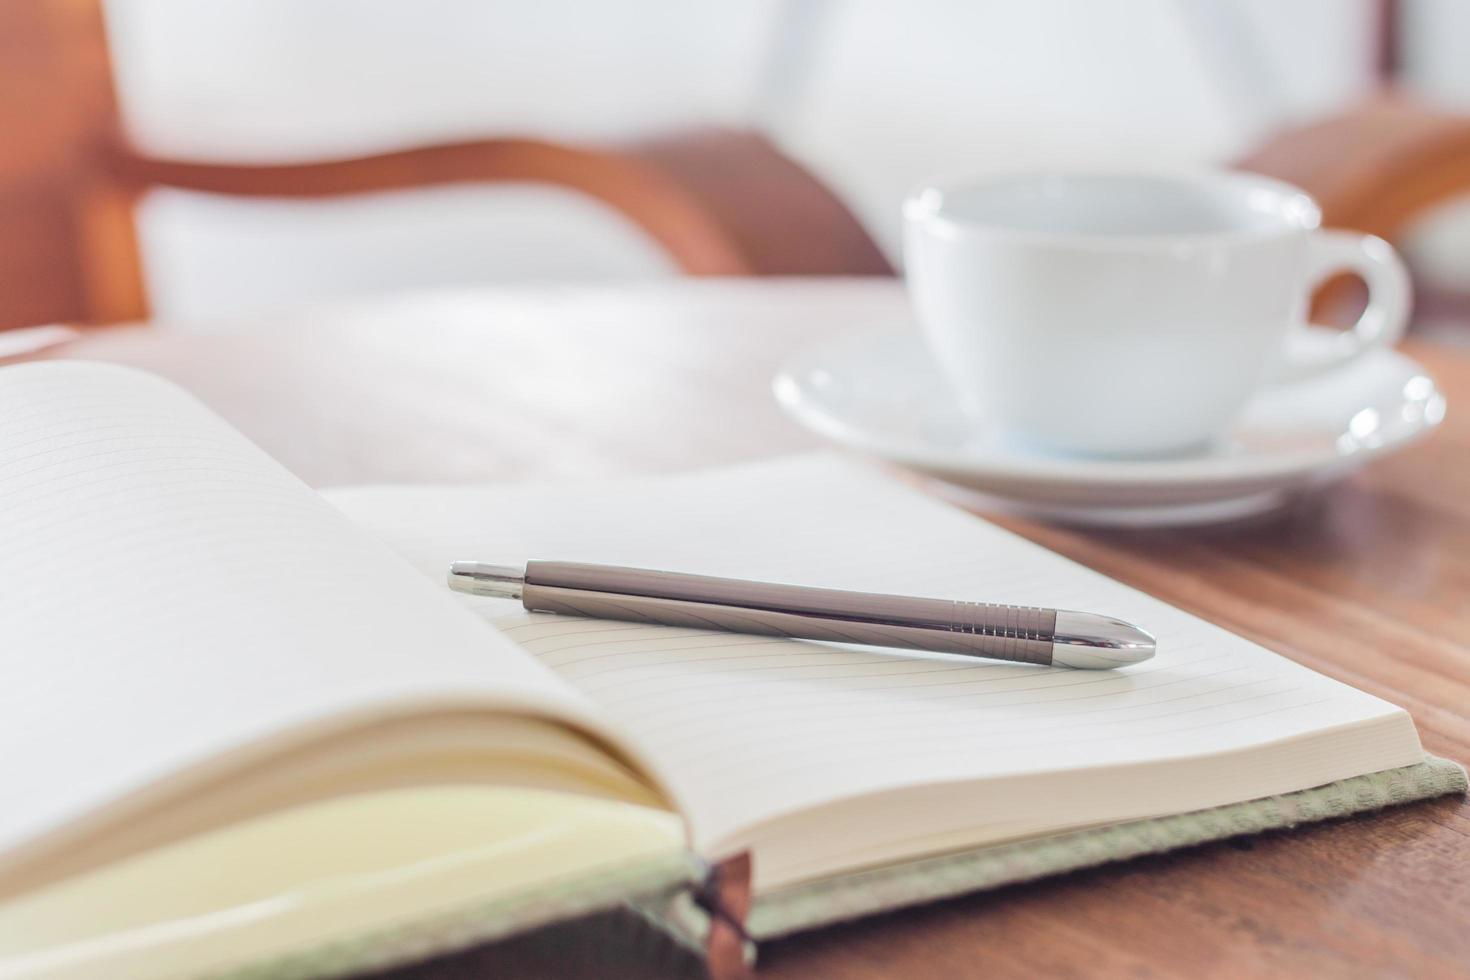 Notizbuch, Stift und Kaffee auf einem Tisch foto